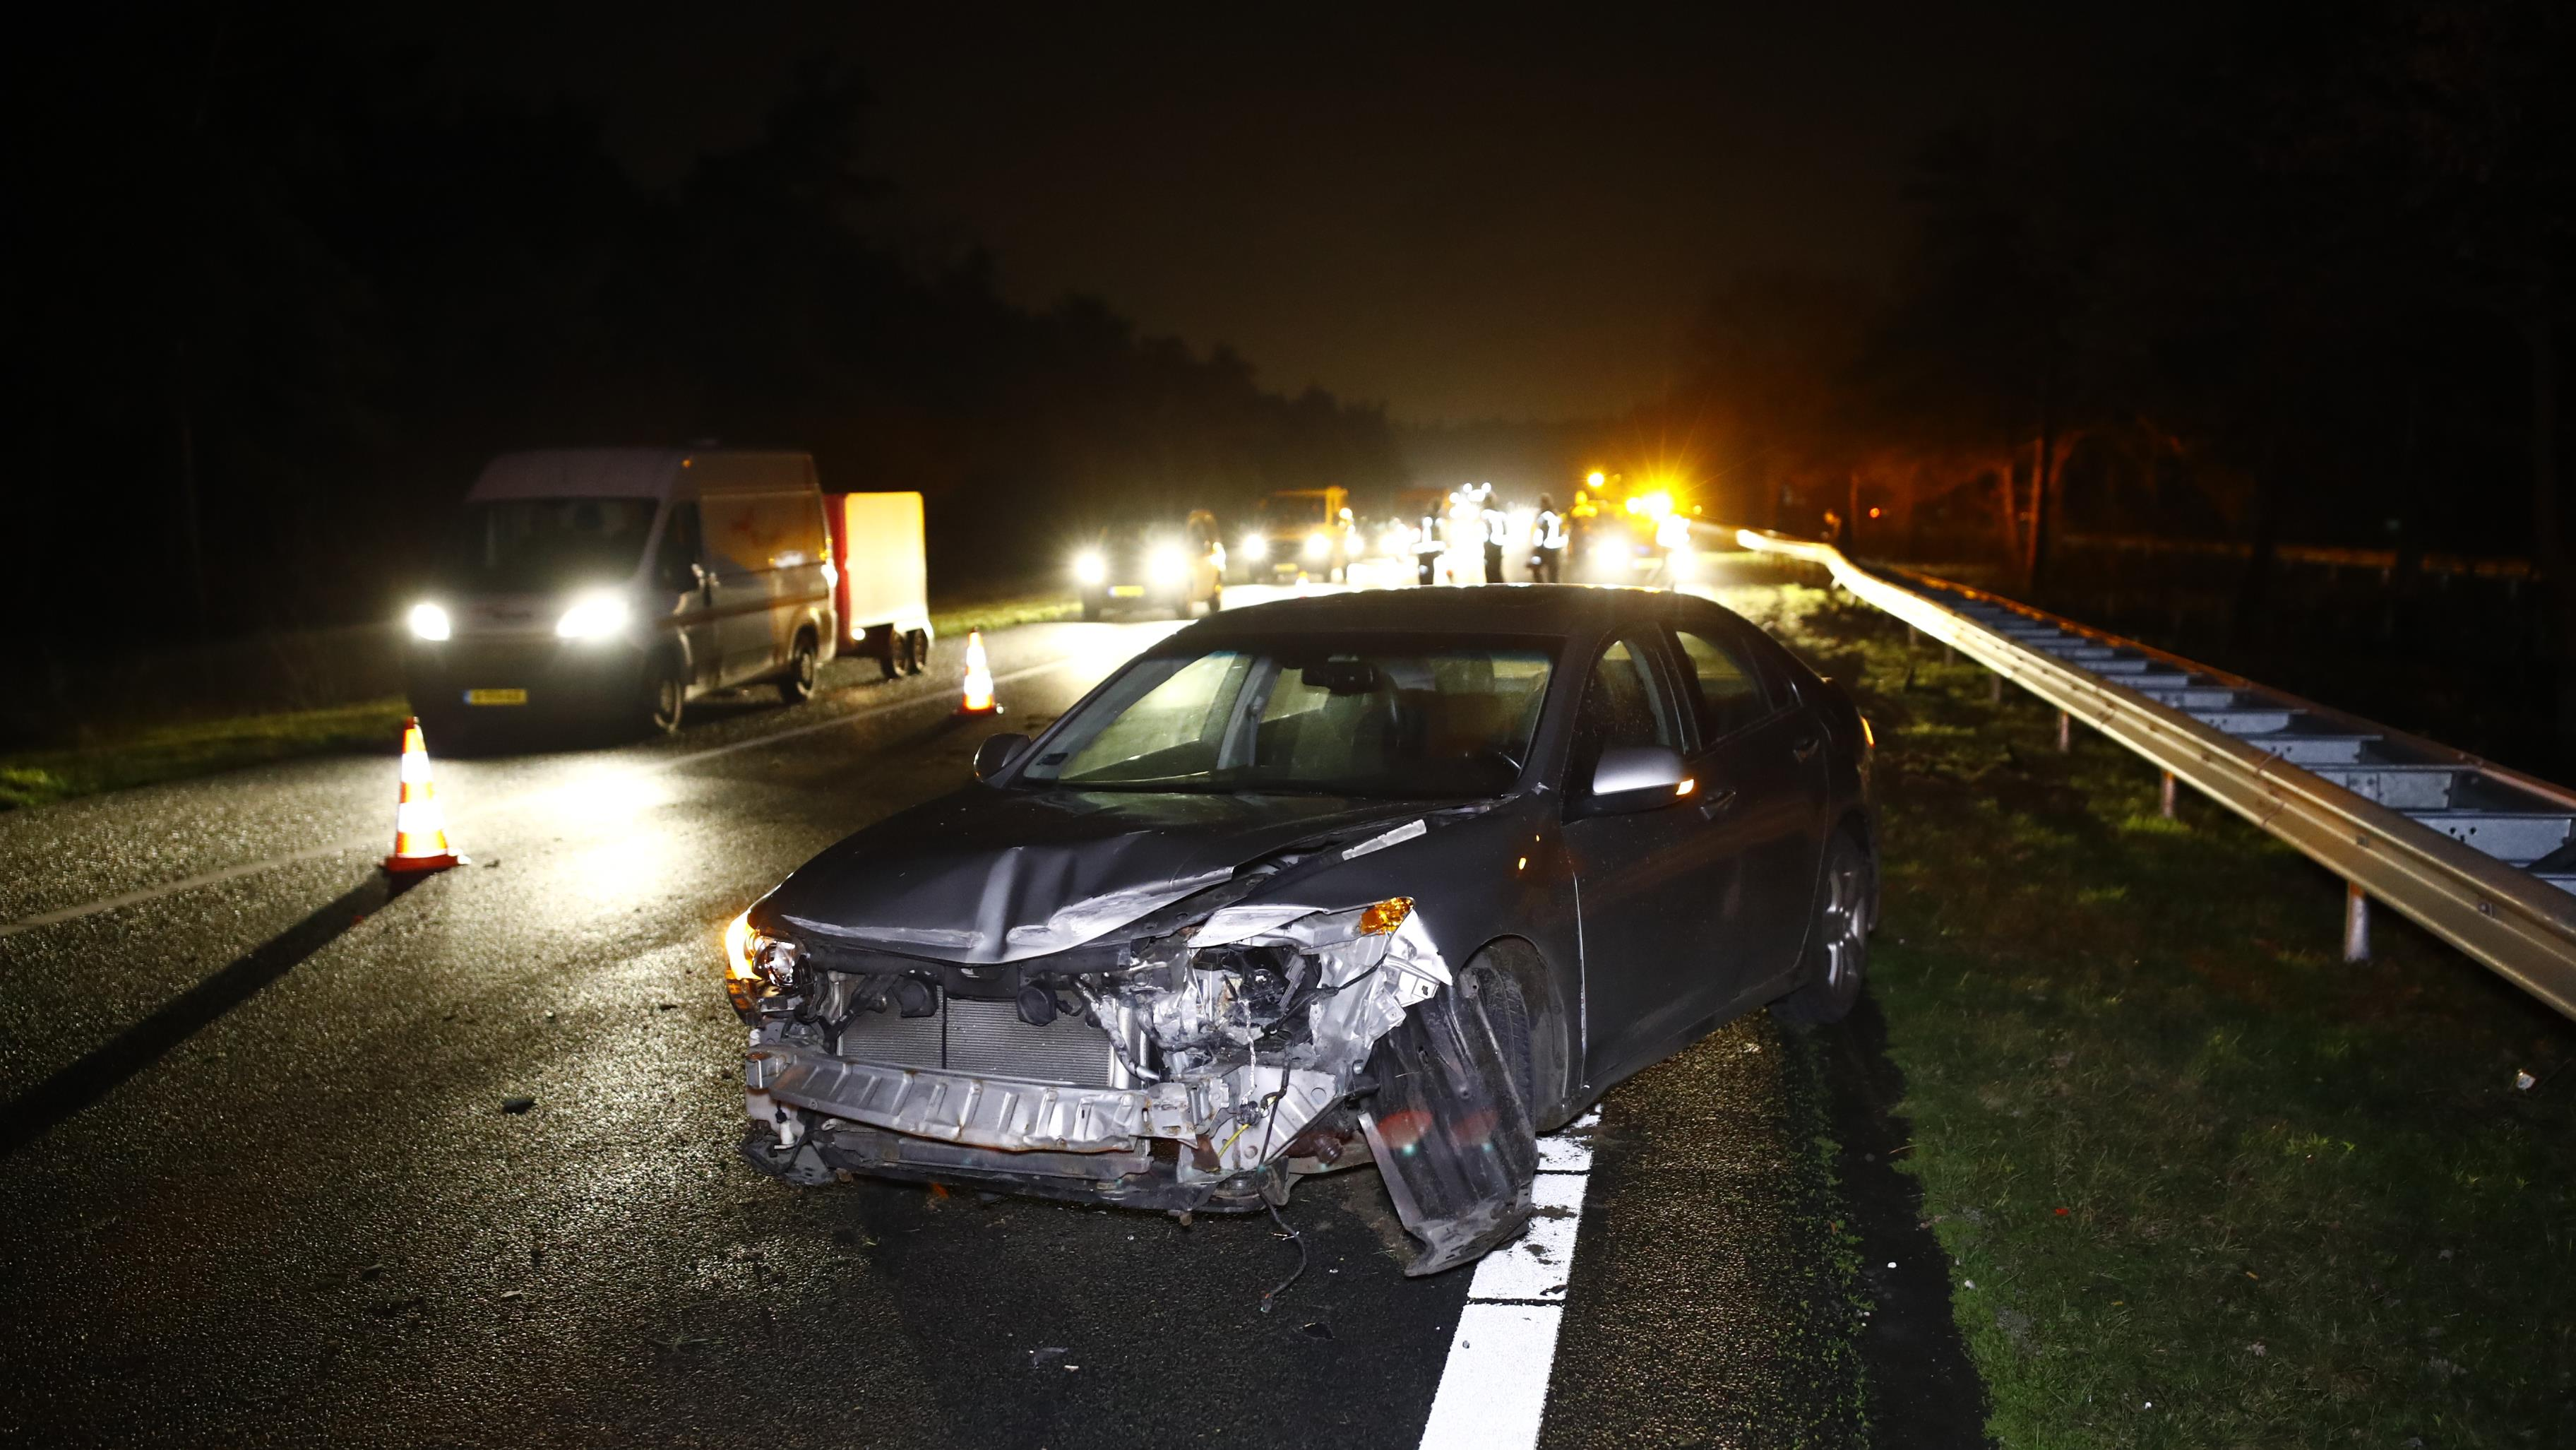 Forse vertraging door ongeluk op A28 tussen Wezep en t Harde.